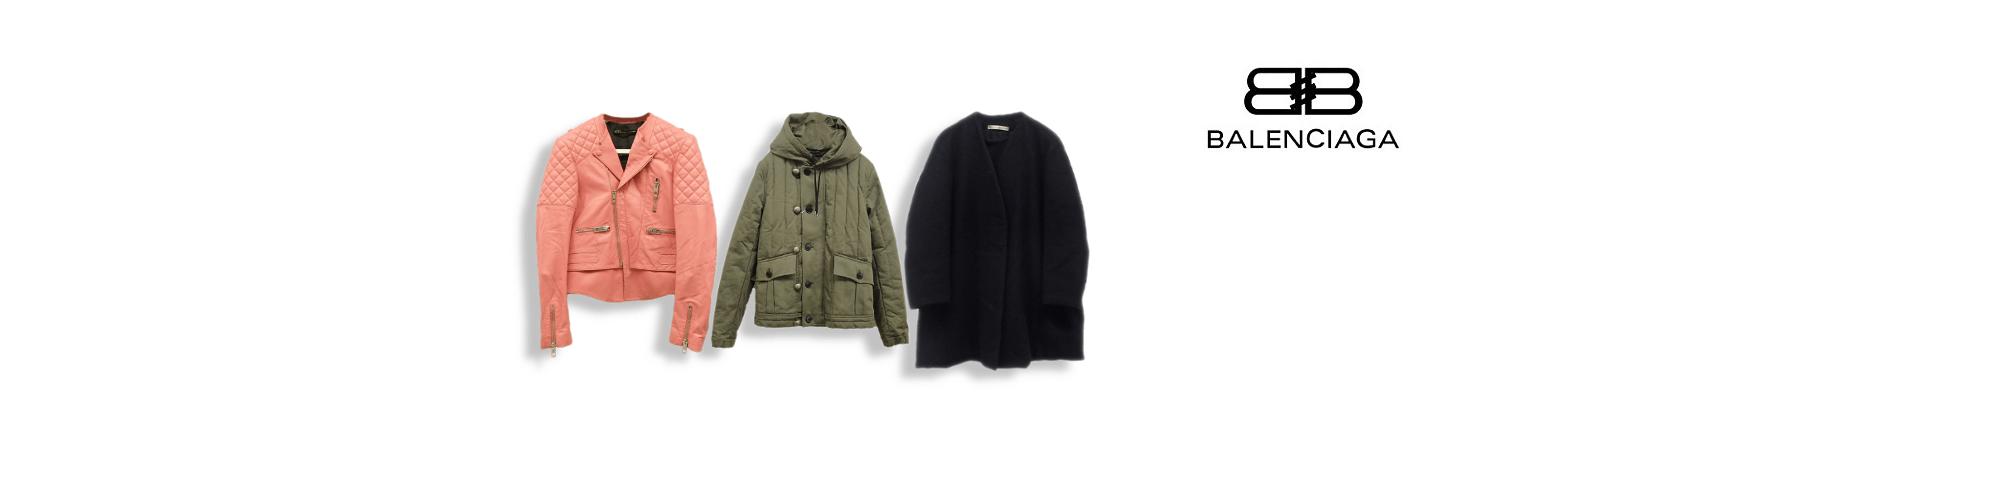 バレンシアガのバレンシアガ洋服買取の高価買取ならお任せ下さい。